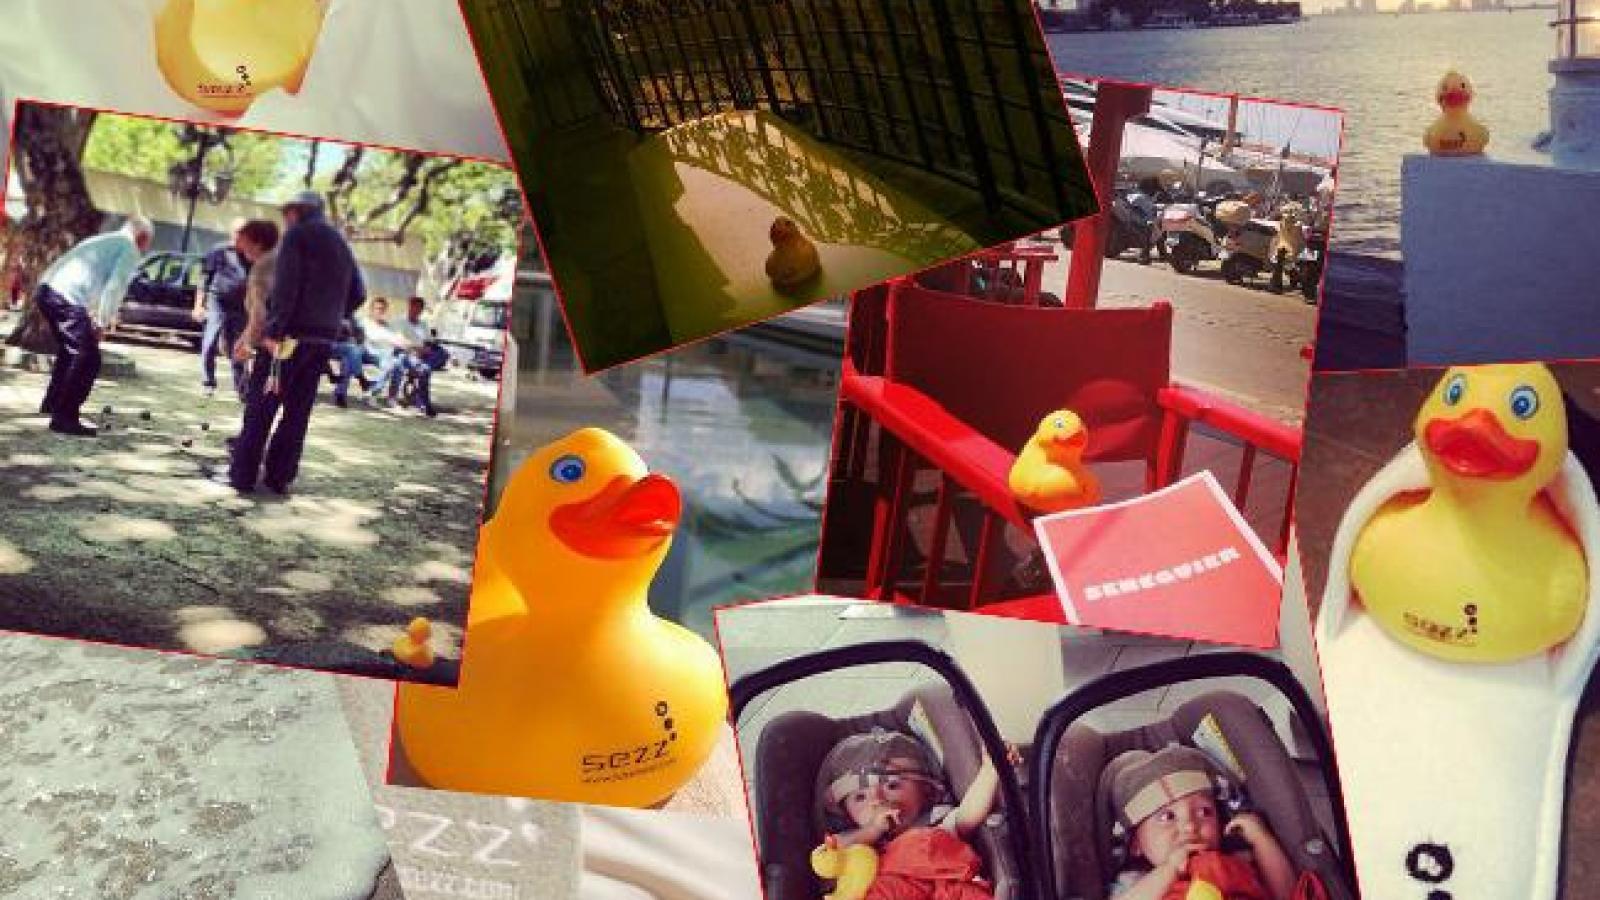 The Sezz Duck is an international superstar